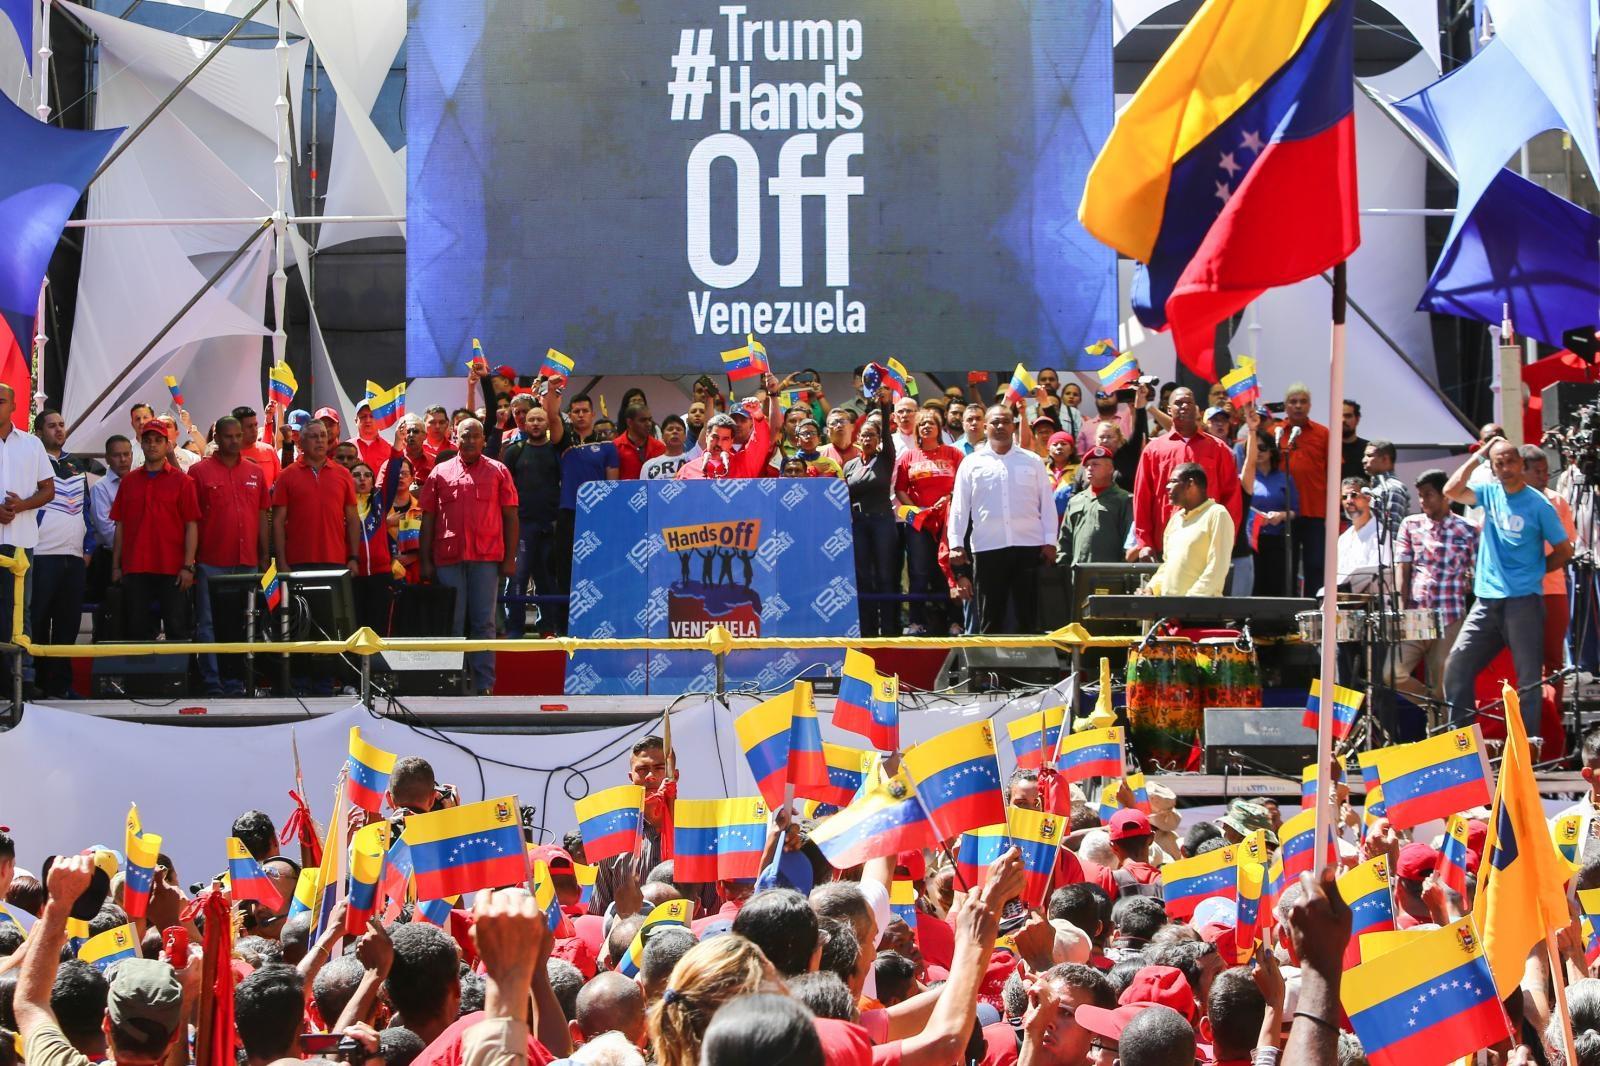 Roke proč od Venezuele - koncert v podporo Venezueli Vir:Pixsell